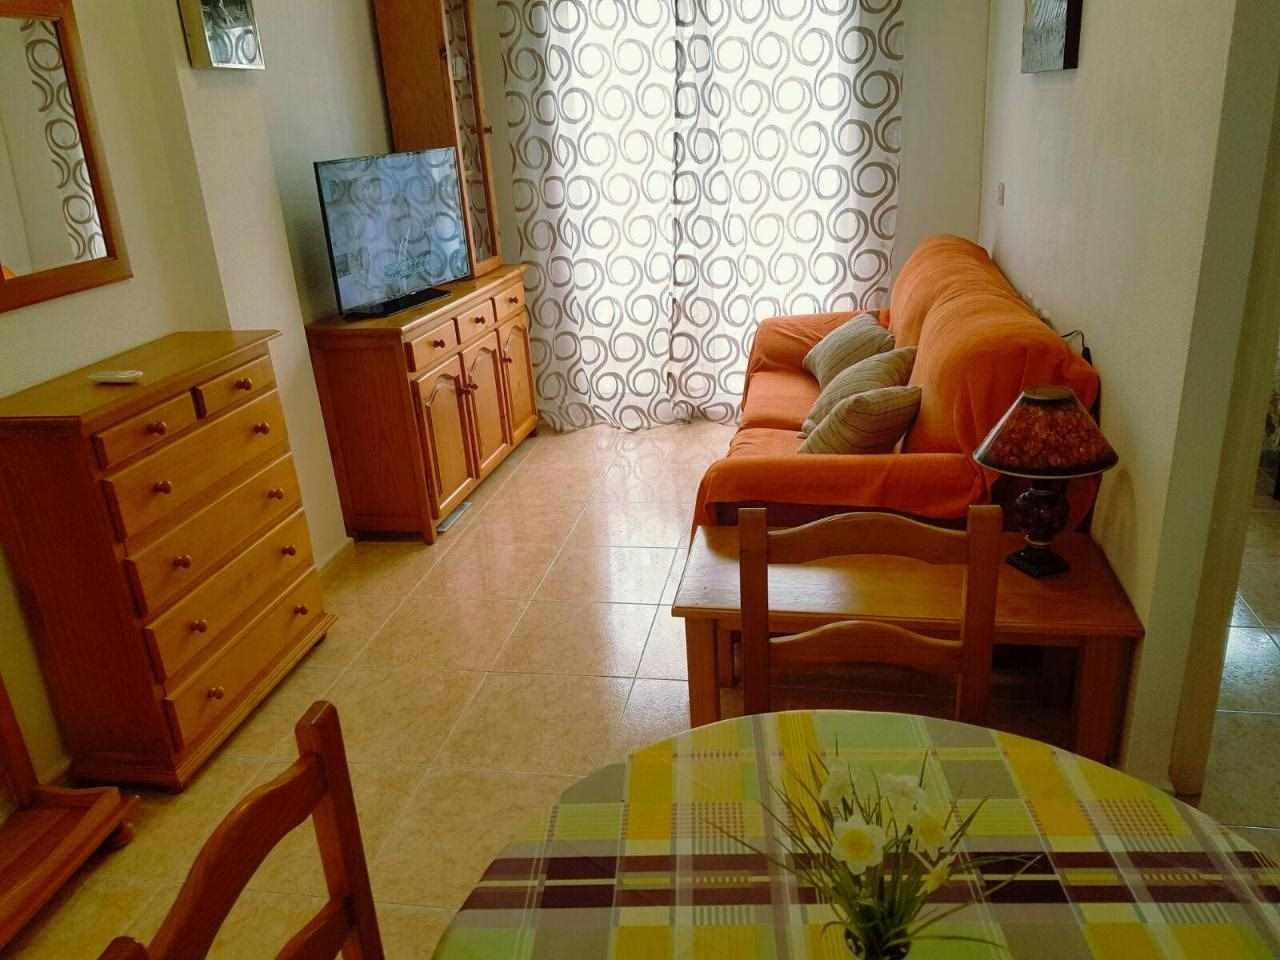 Casas vacacionales Torrevieja, Alicante